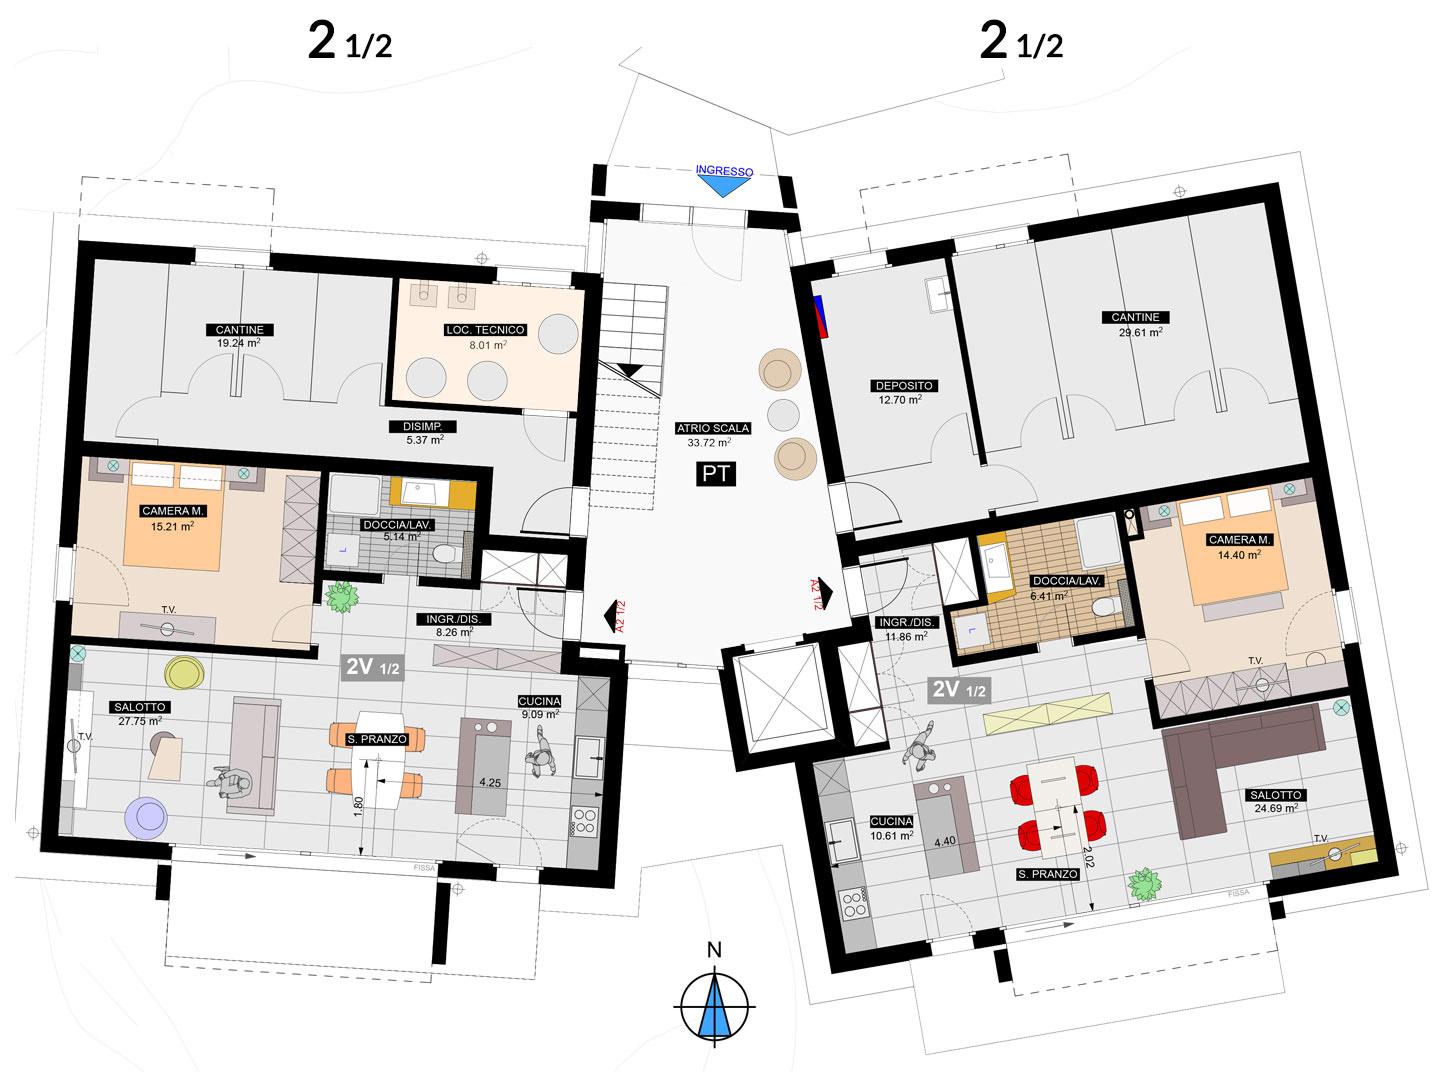 Appartamenti piano terra residenza nosicc osogna for Strumento di layout piano terra